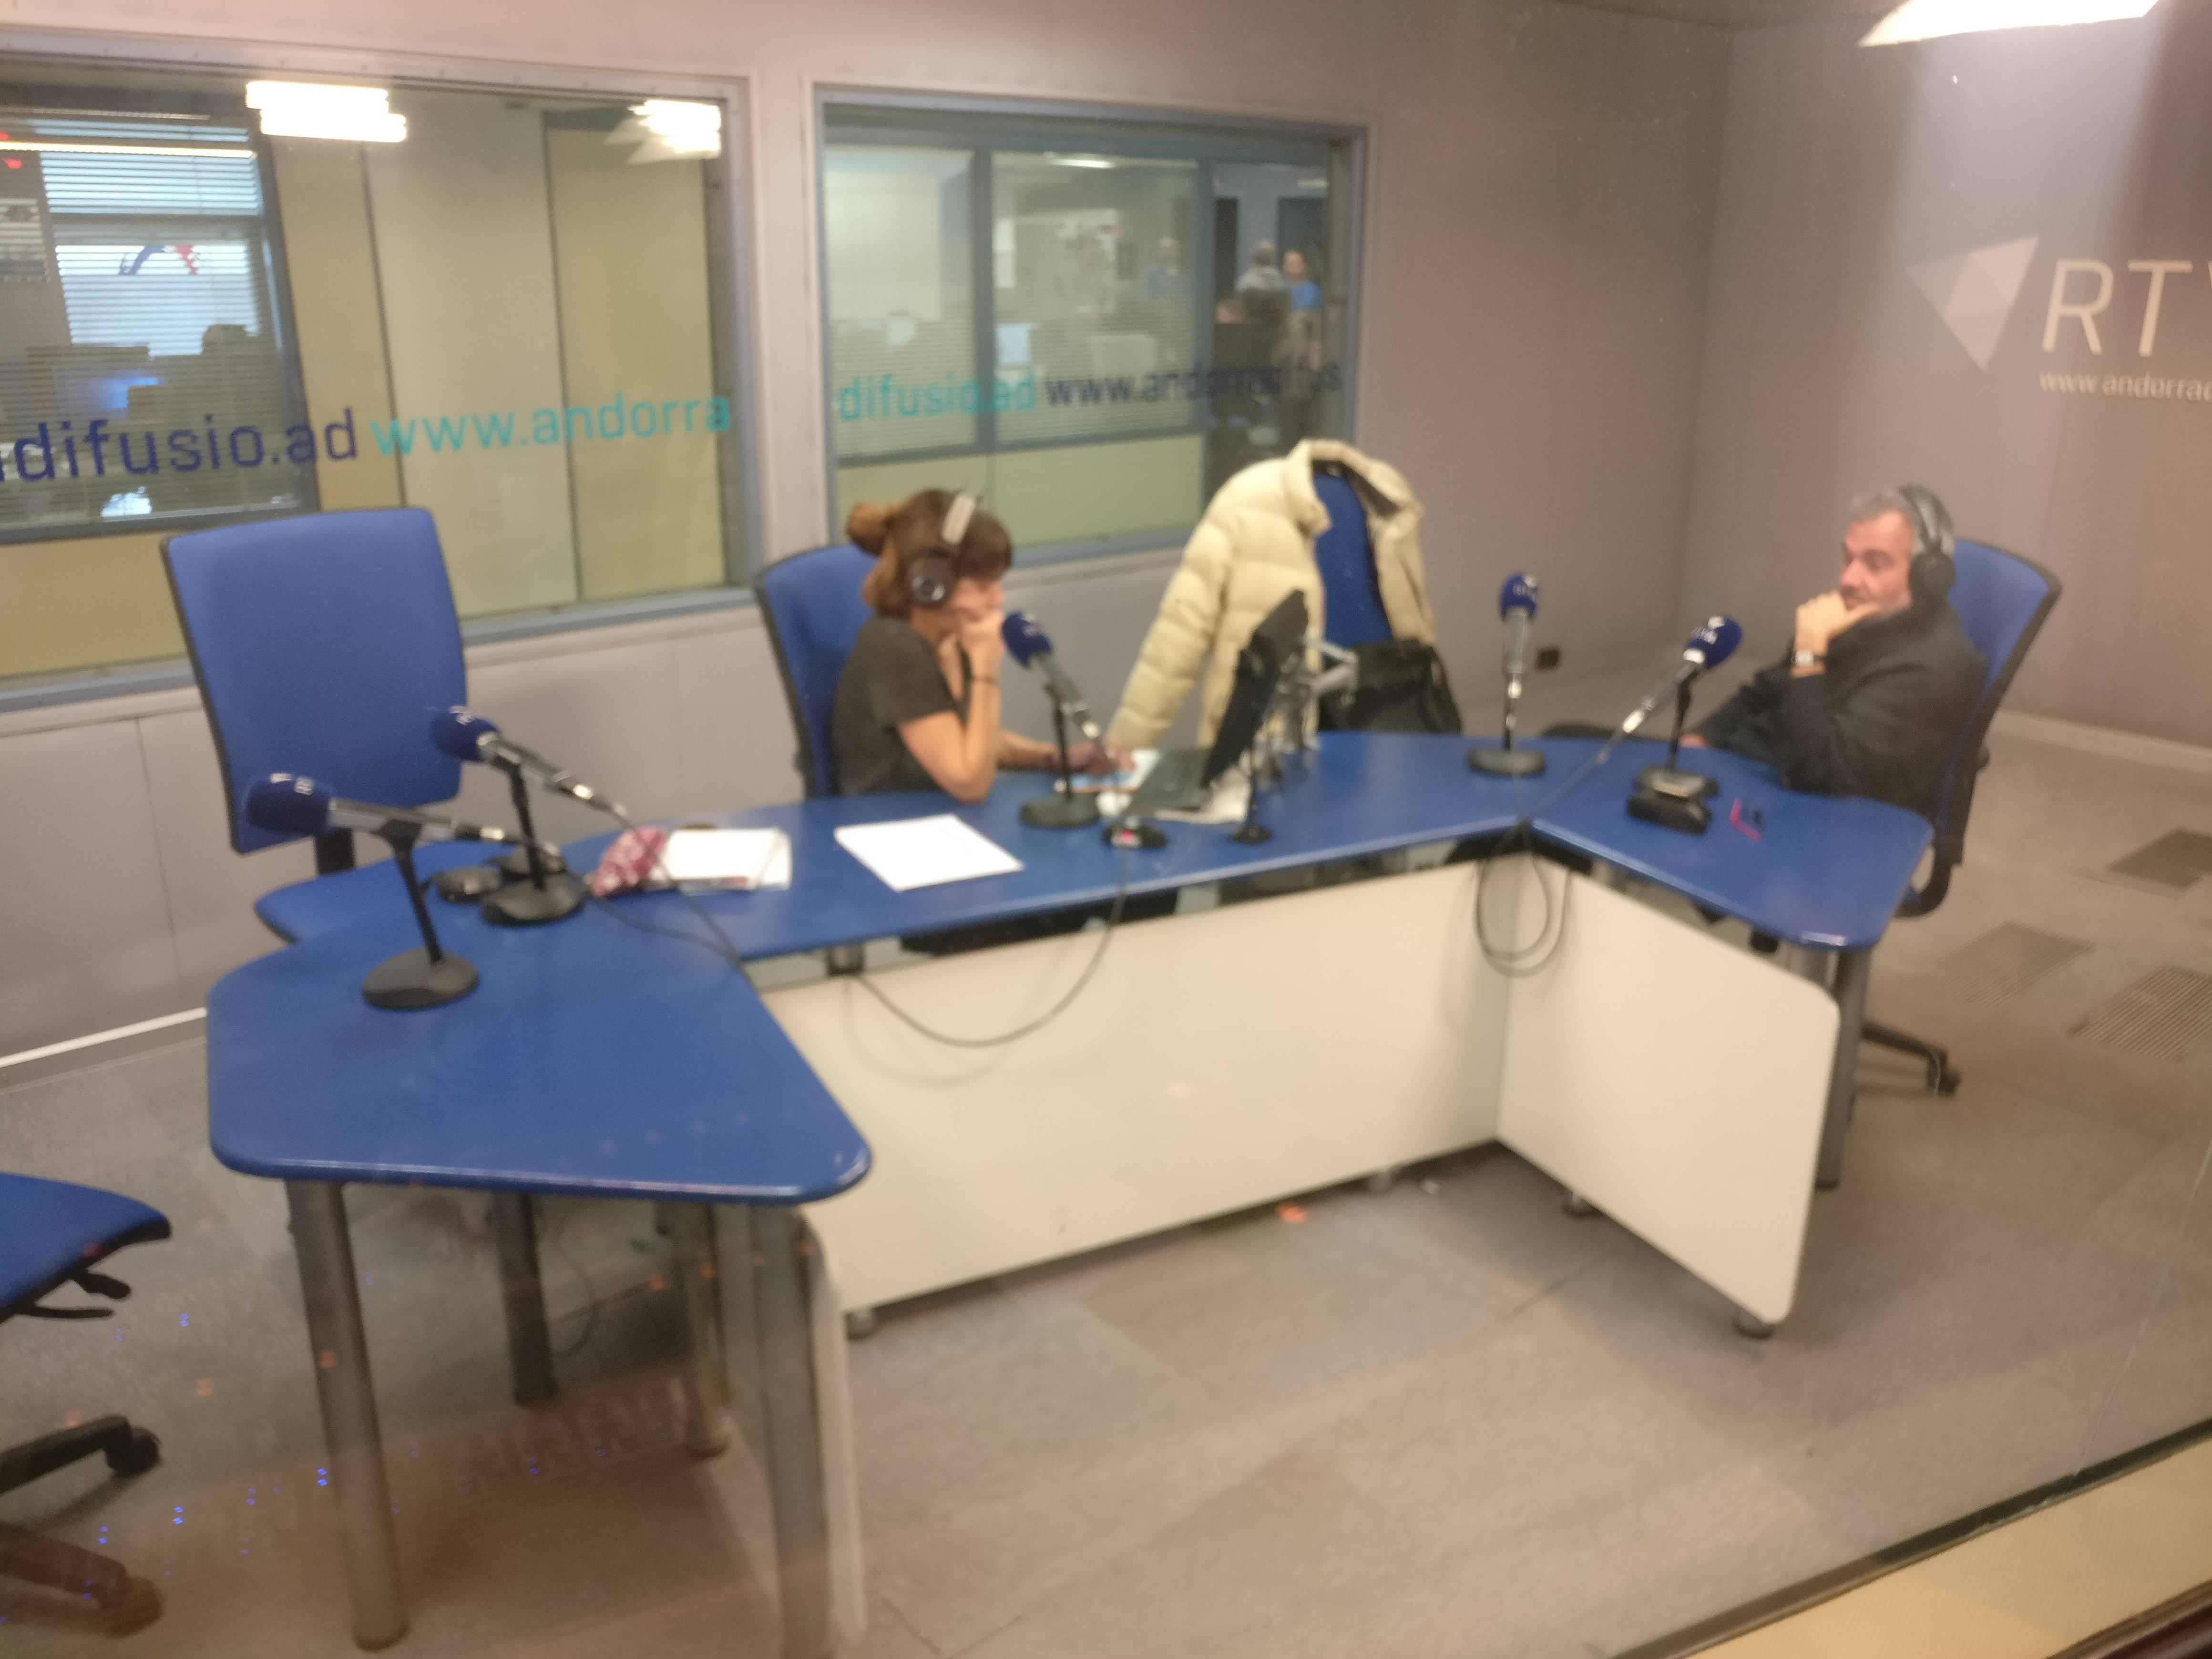 Tertúlia amb Patrícia Bragança i Albert Roig 20 de març del 2019